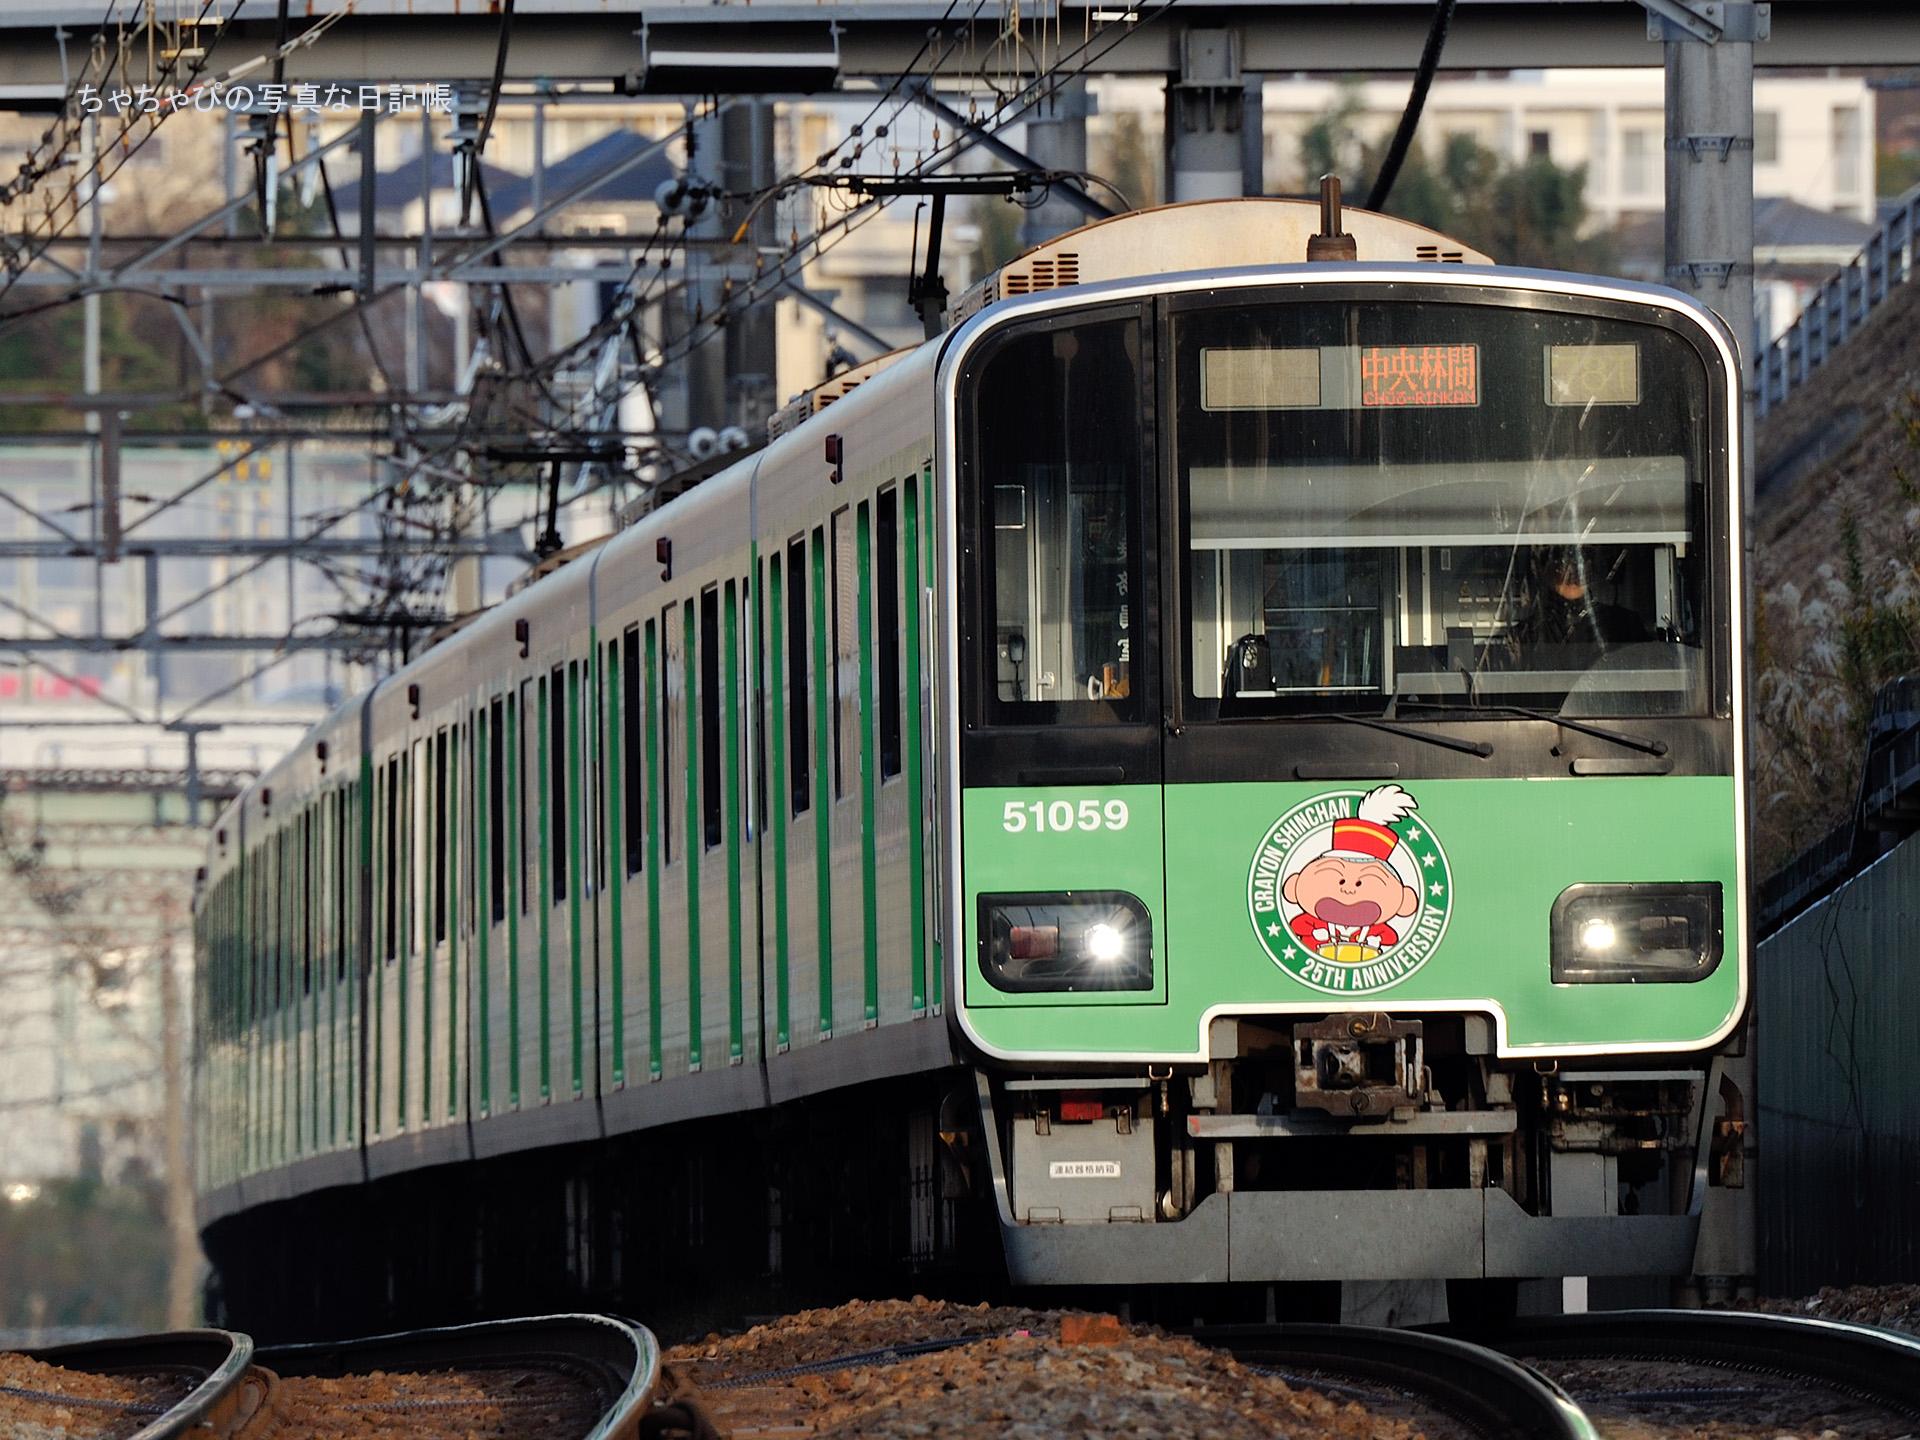 東急田園都市線 藤が丘駅 50050系 -78ゥ 51059編成-